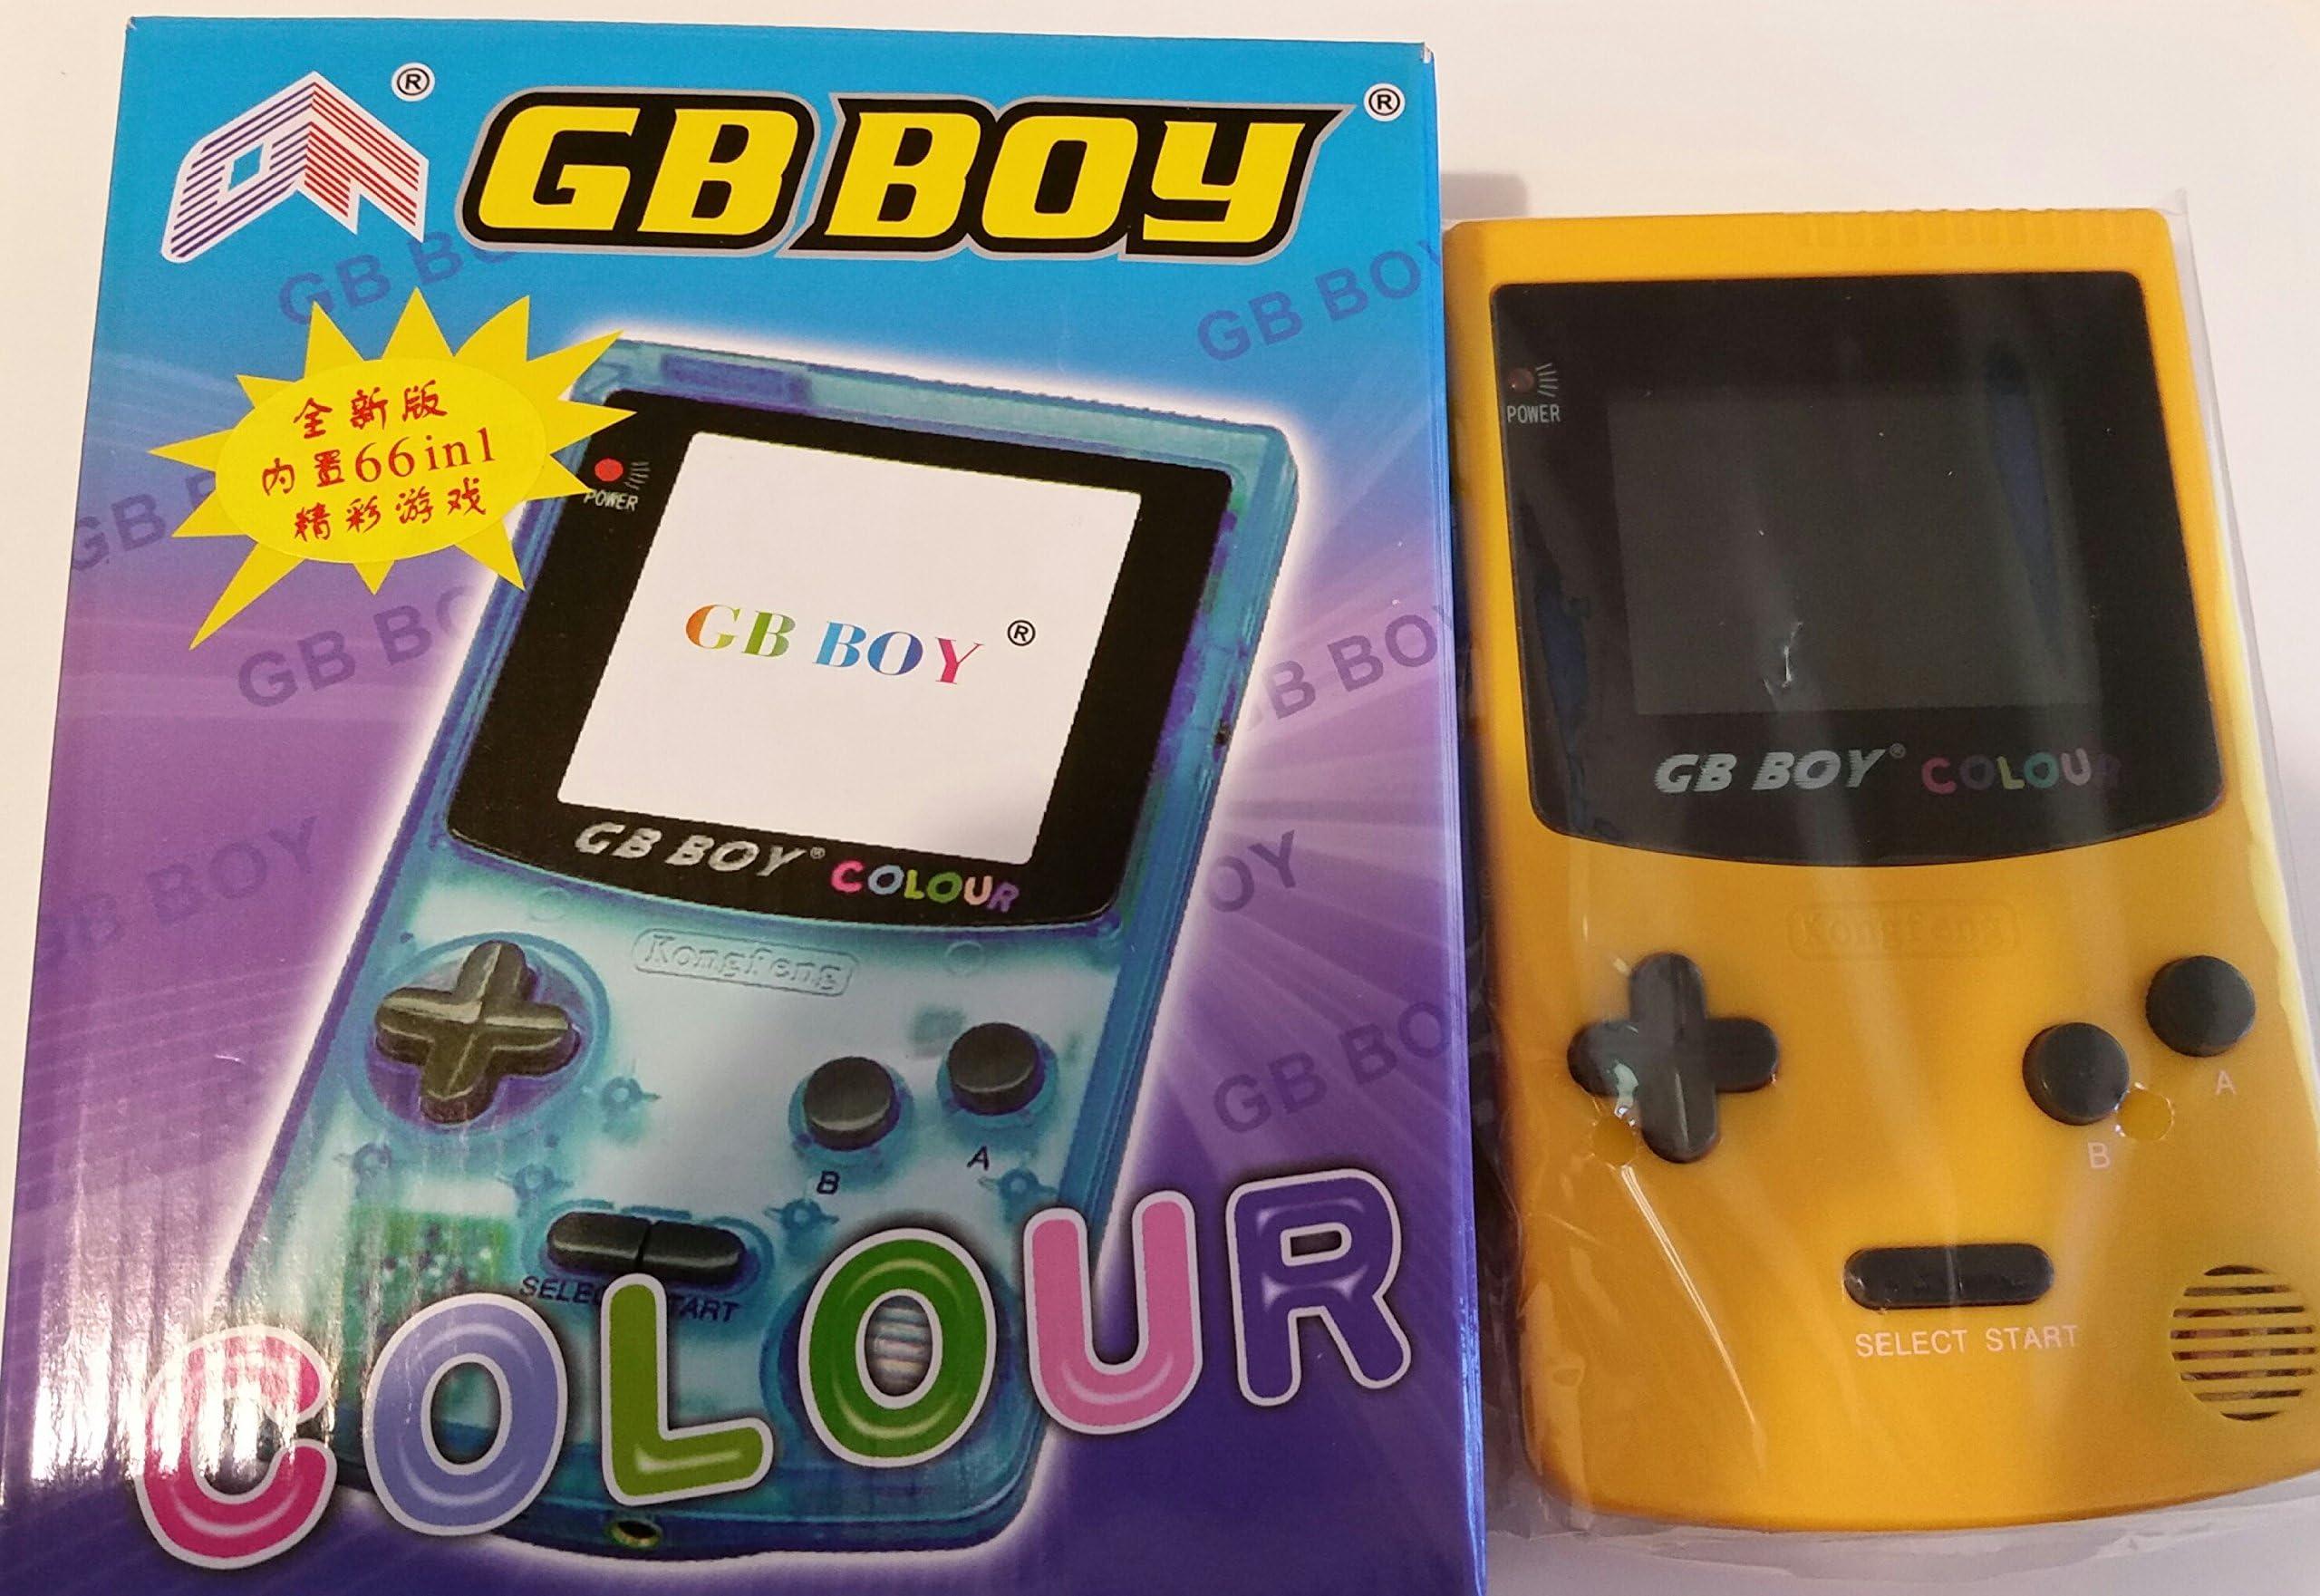 Game boy color kaufen - Image Unavailable